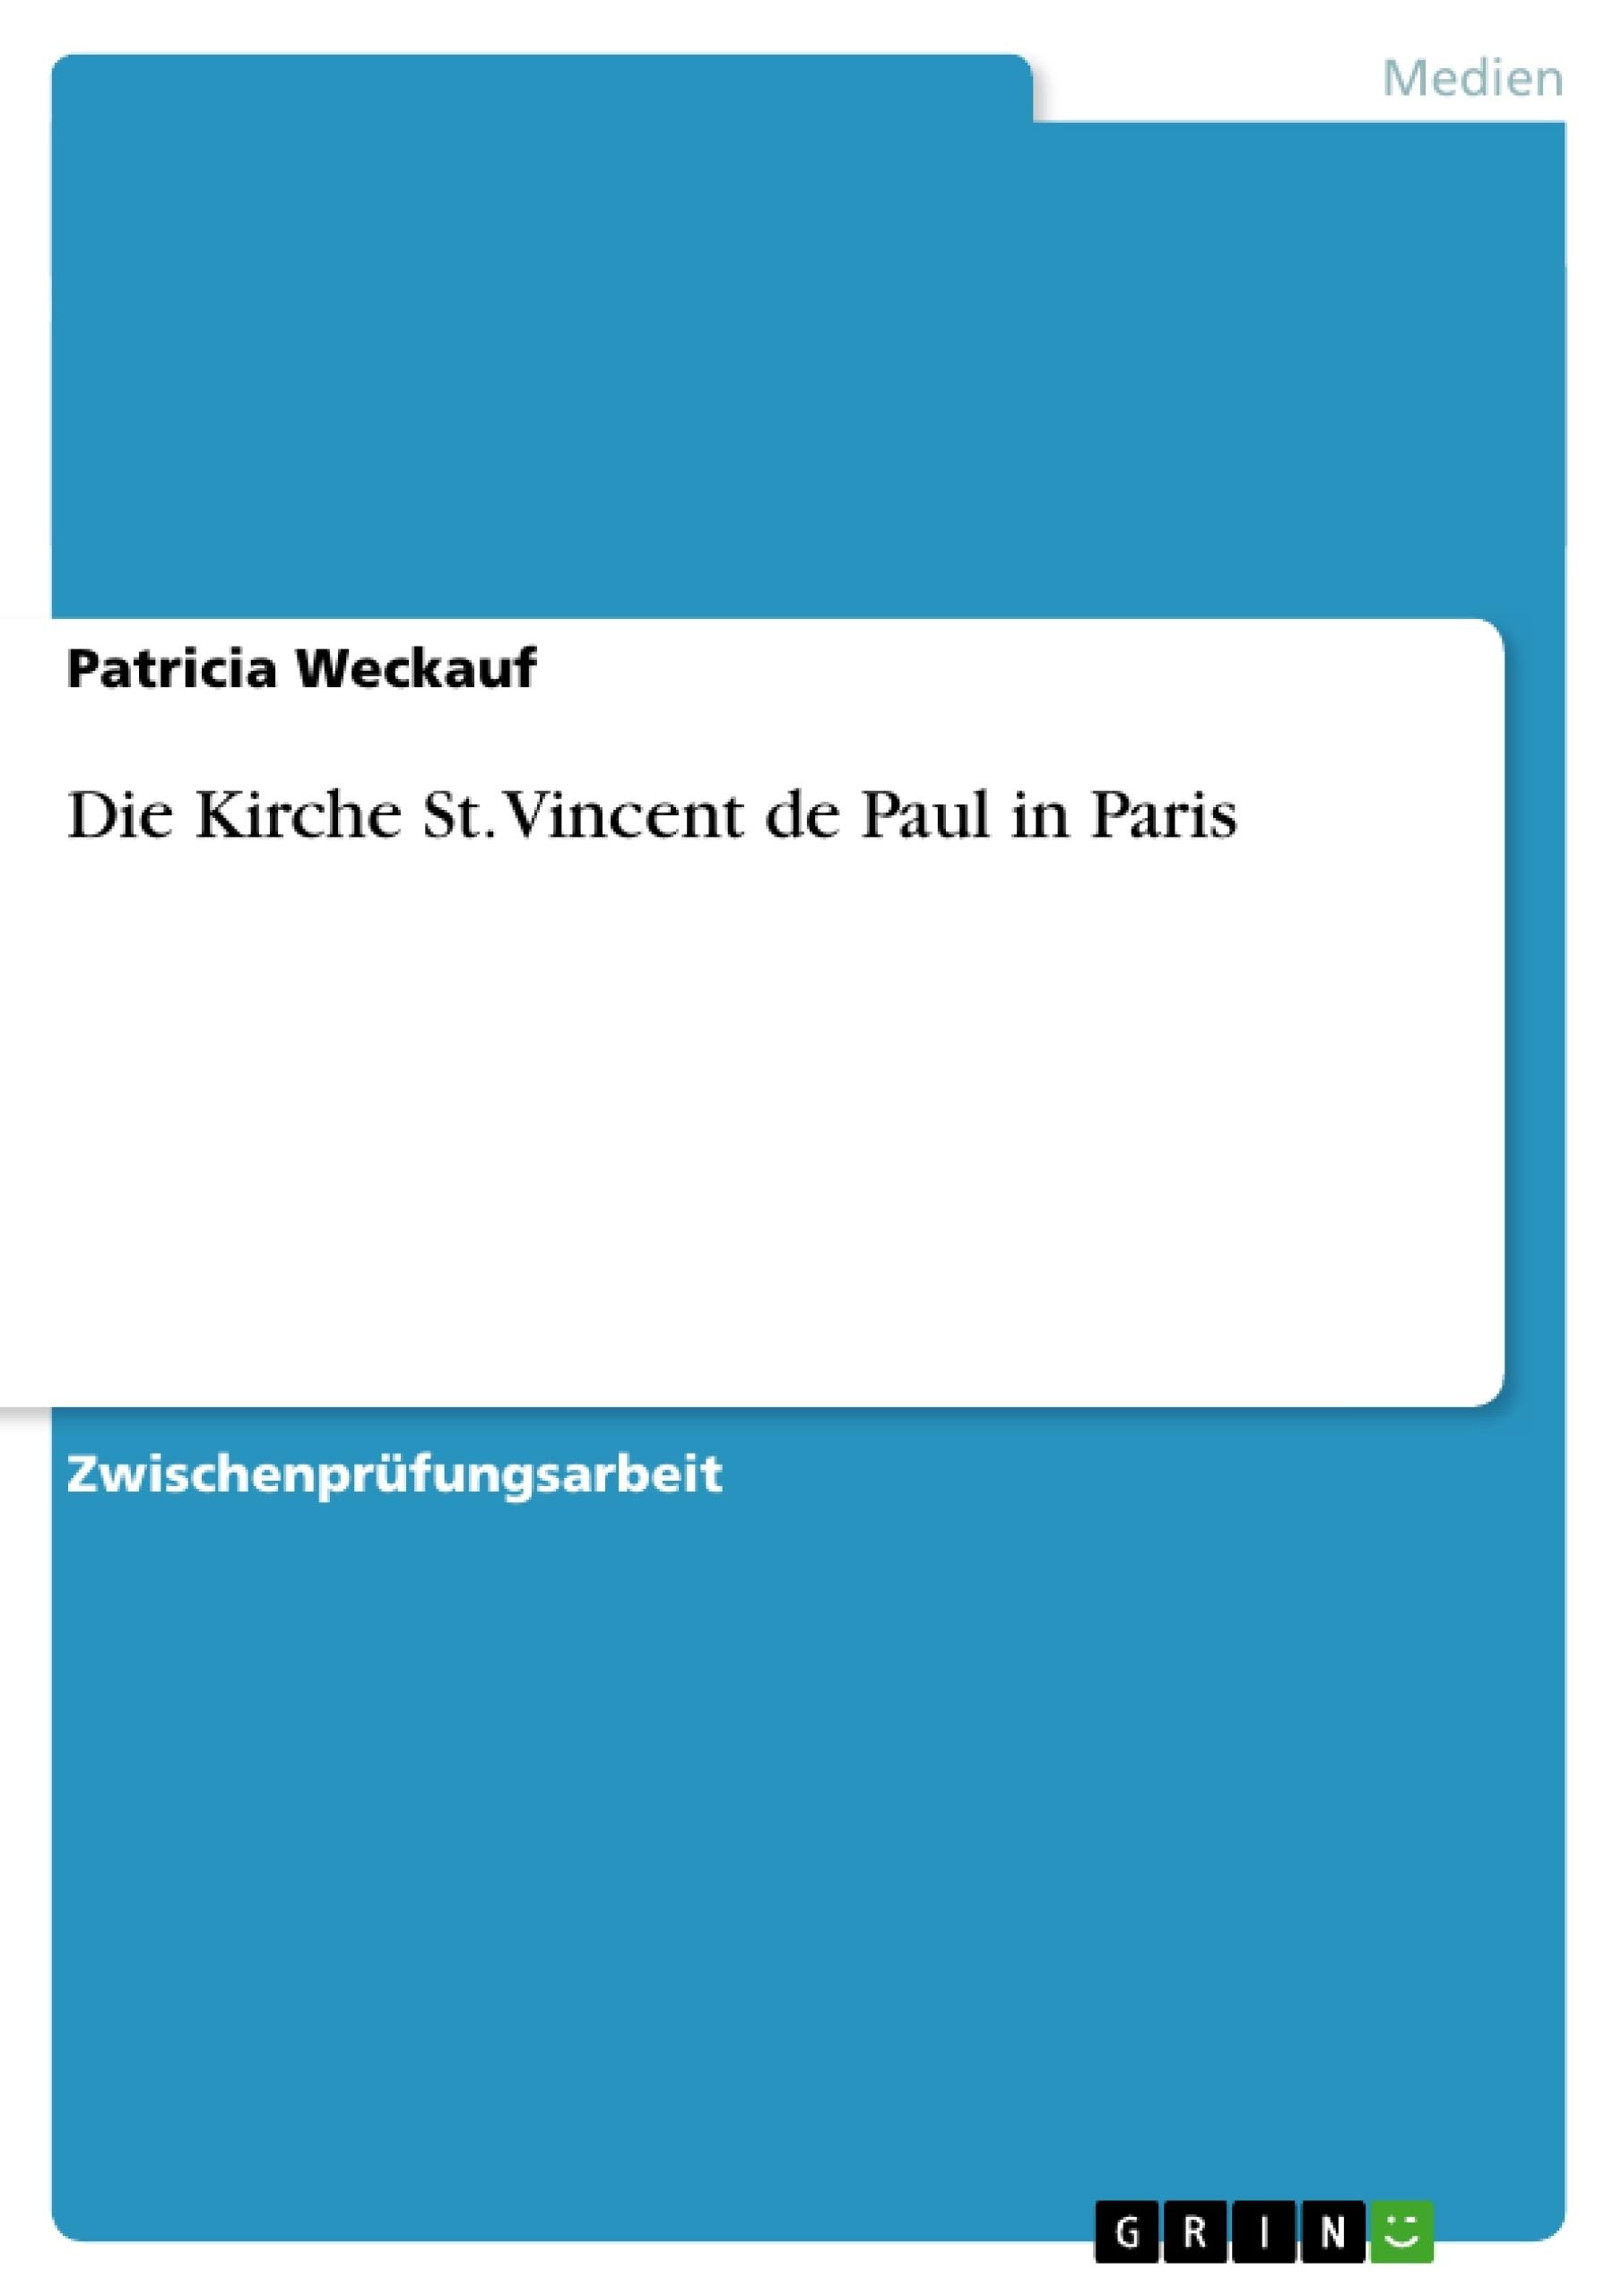 Titel: Die Kirche St. Vincent de Paul in Paris